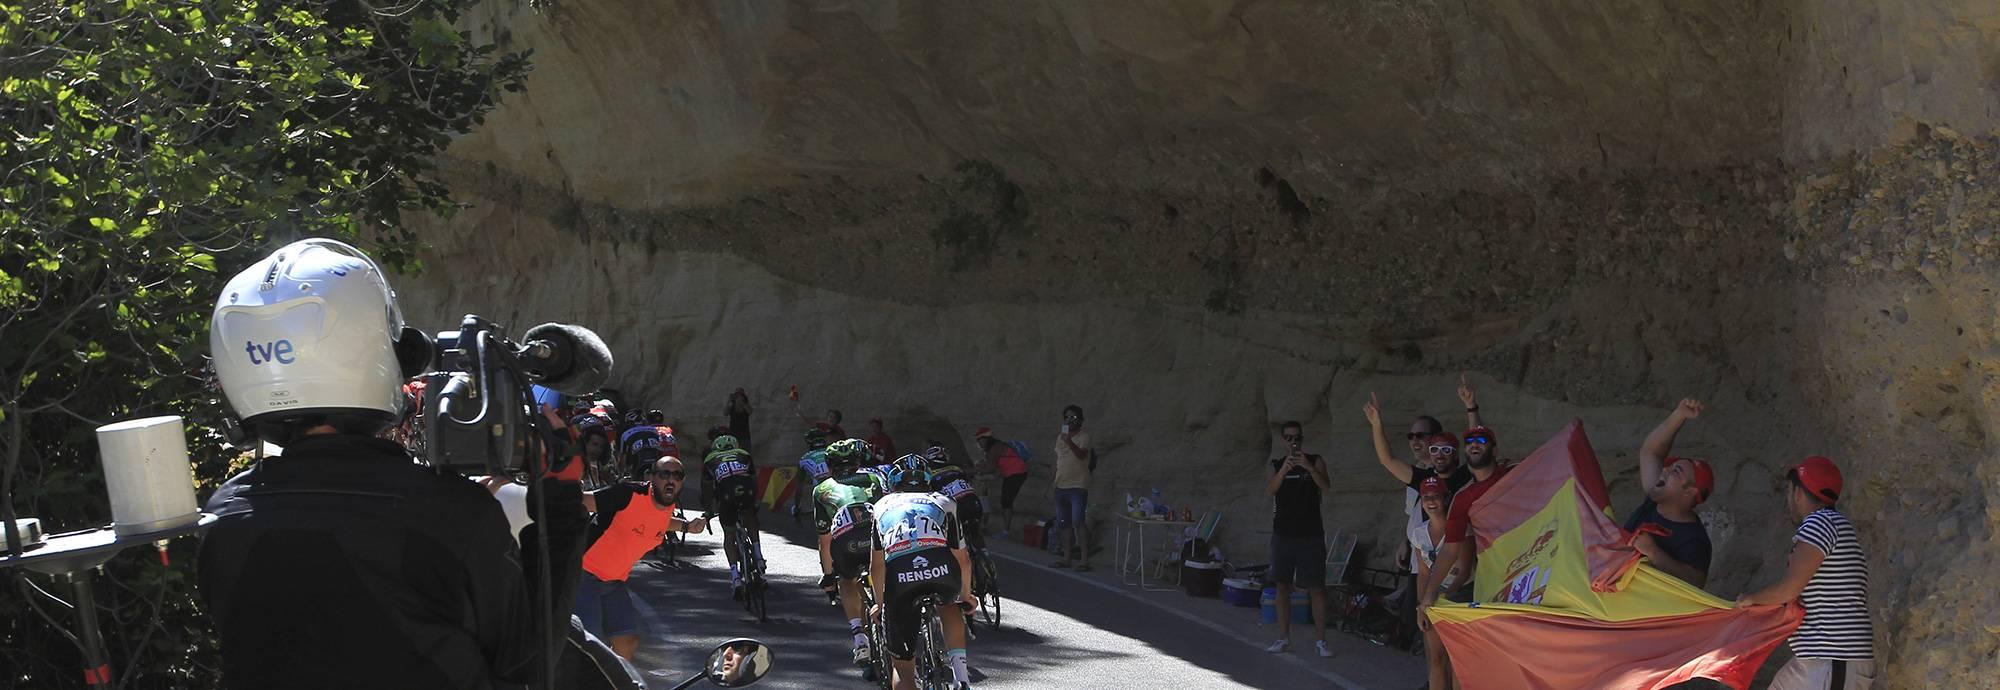 Vuelta a España 2018 por El Caminito del Rey